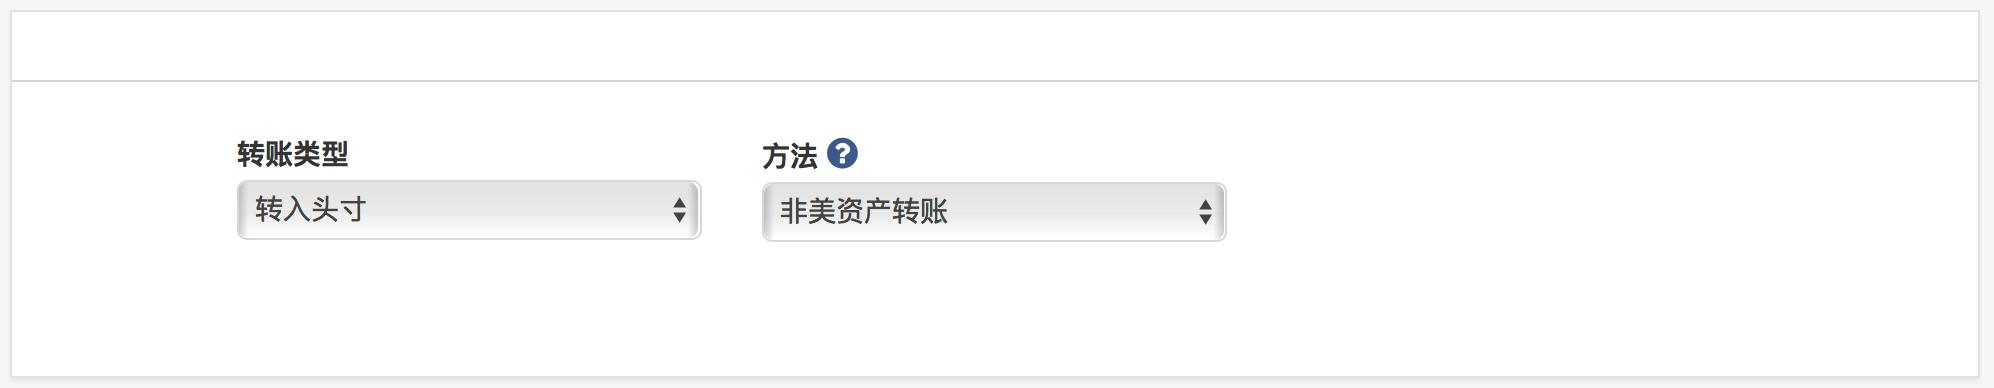 招行香港转户到雪盈证券